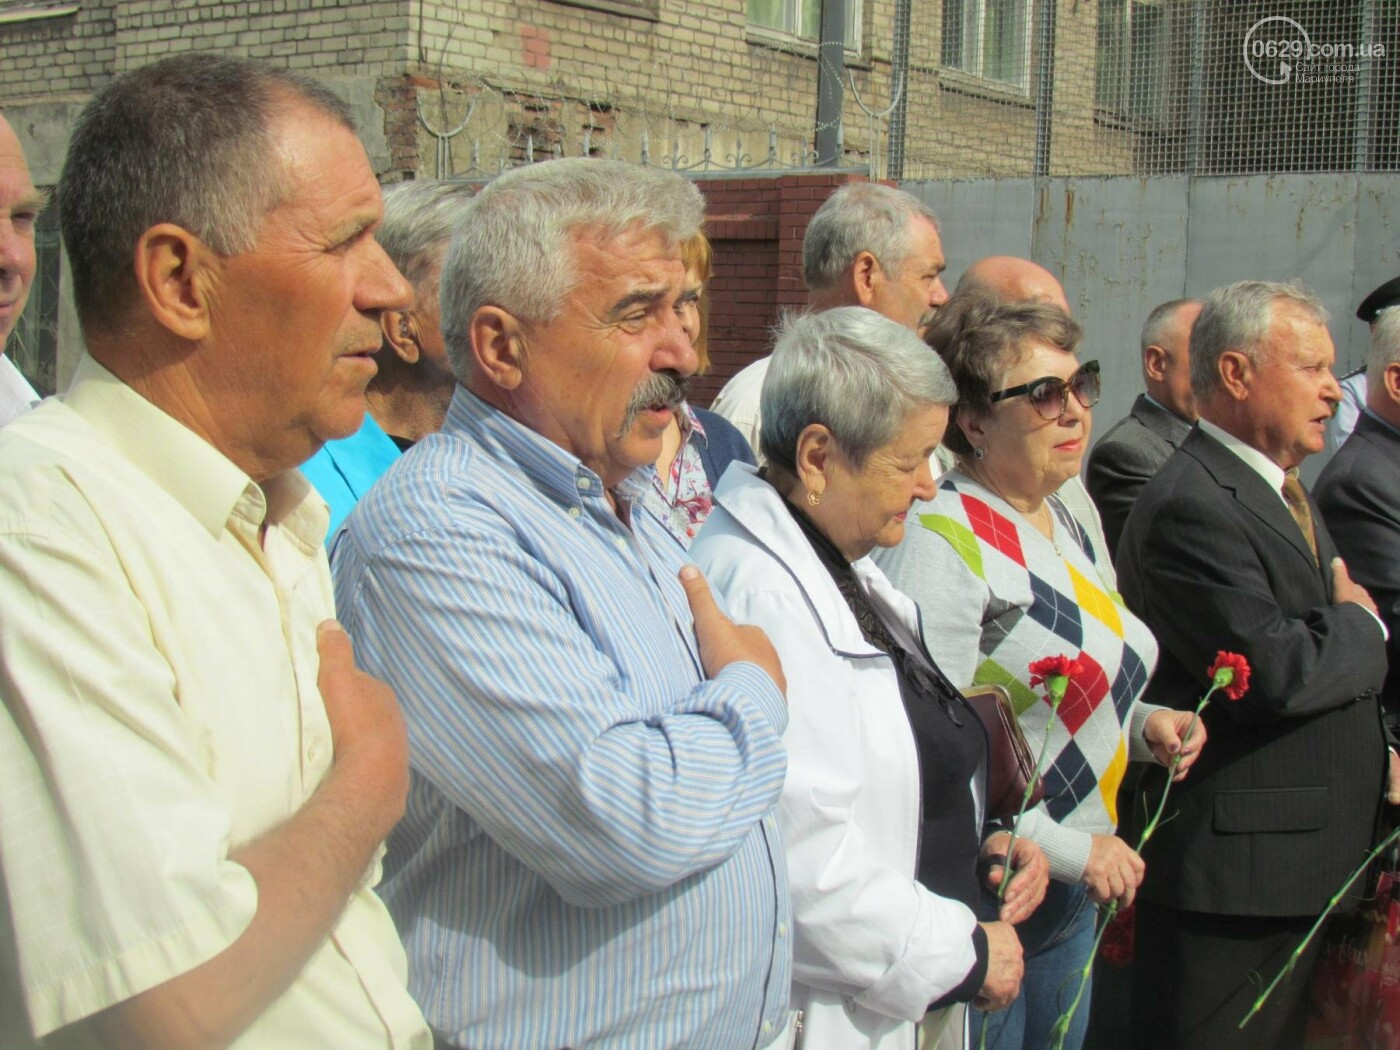 В Мариуполе почтили память патриотов, погибших 9 мая 2014 года  (ФОТОРЕПОРТАЖ+ВИДЕО), фото-32